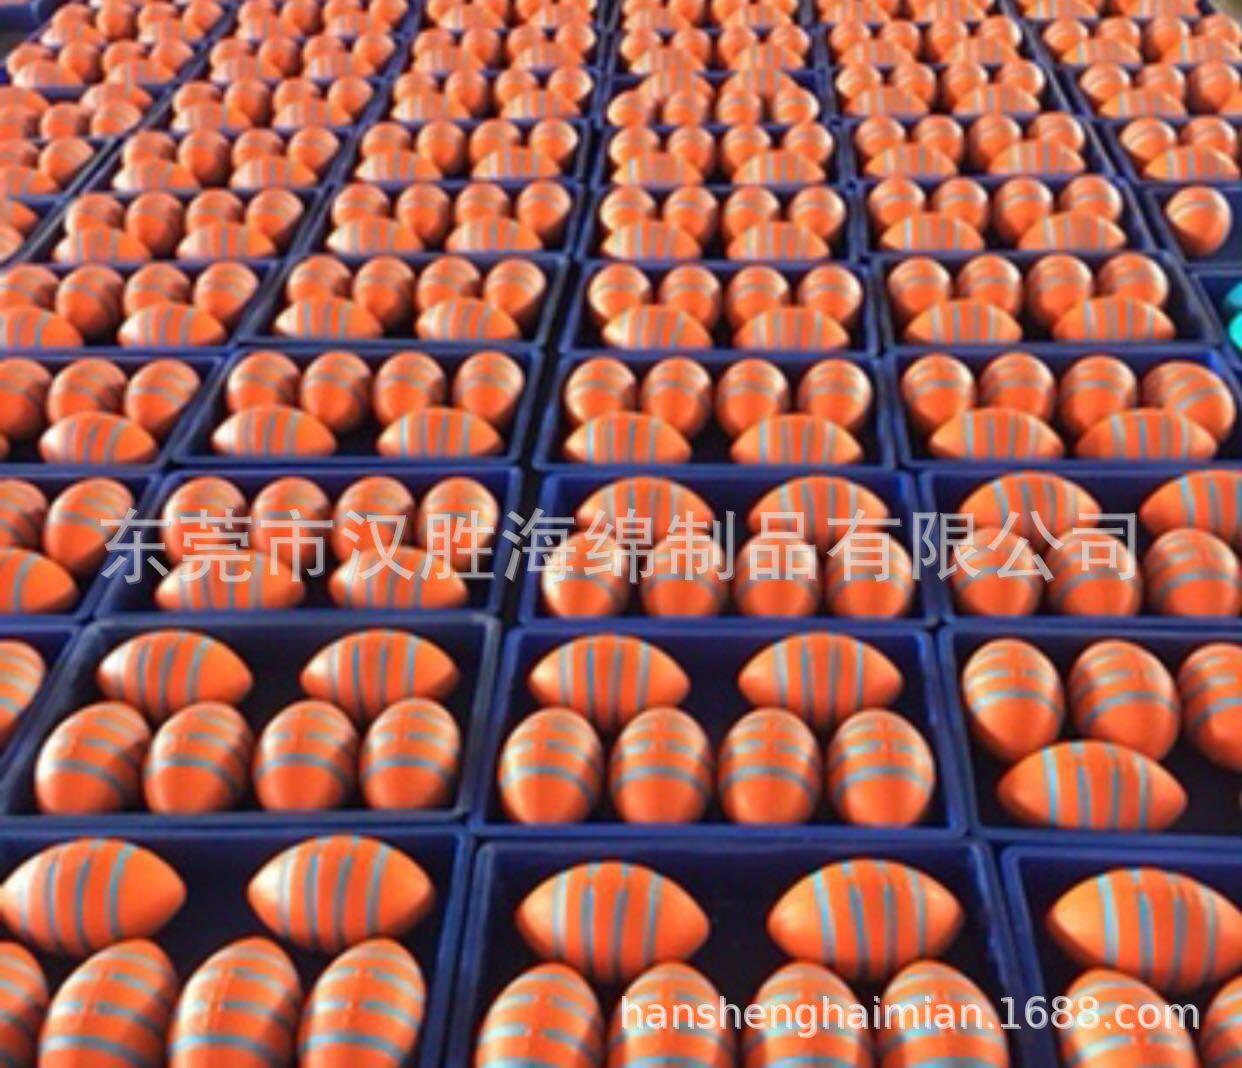 东莞汉胜厂家生产pu橄榄球 蓝牙音箱橄榄球 美式橄榄球可来图定制